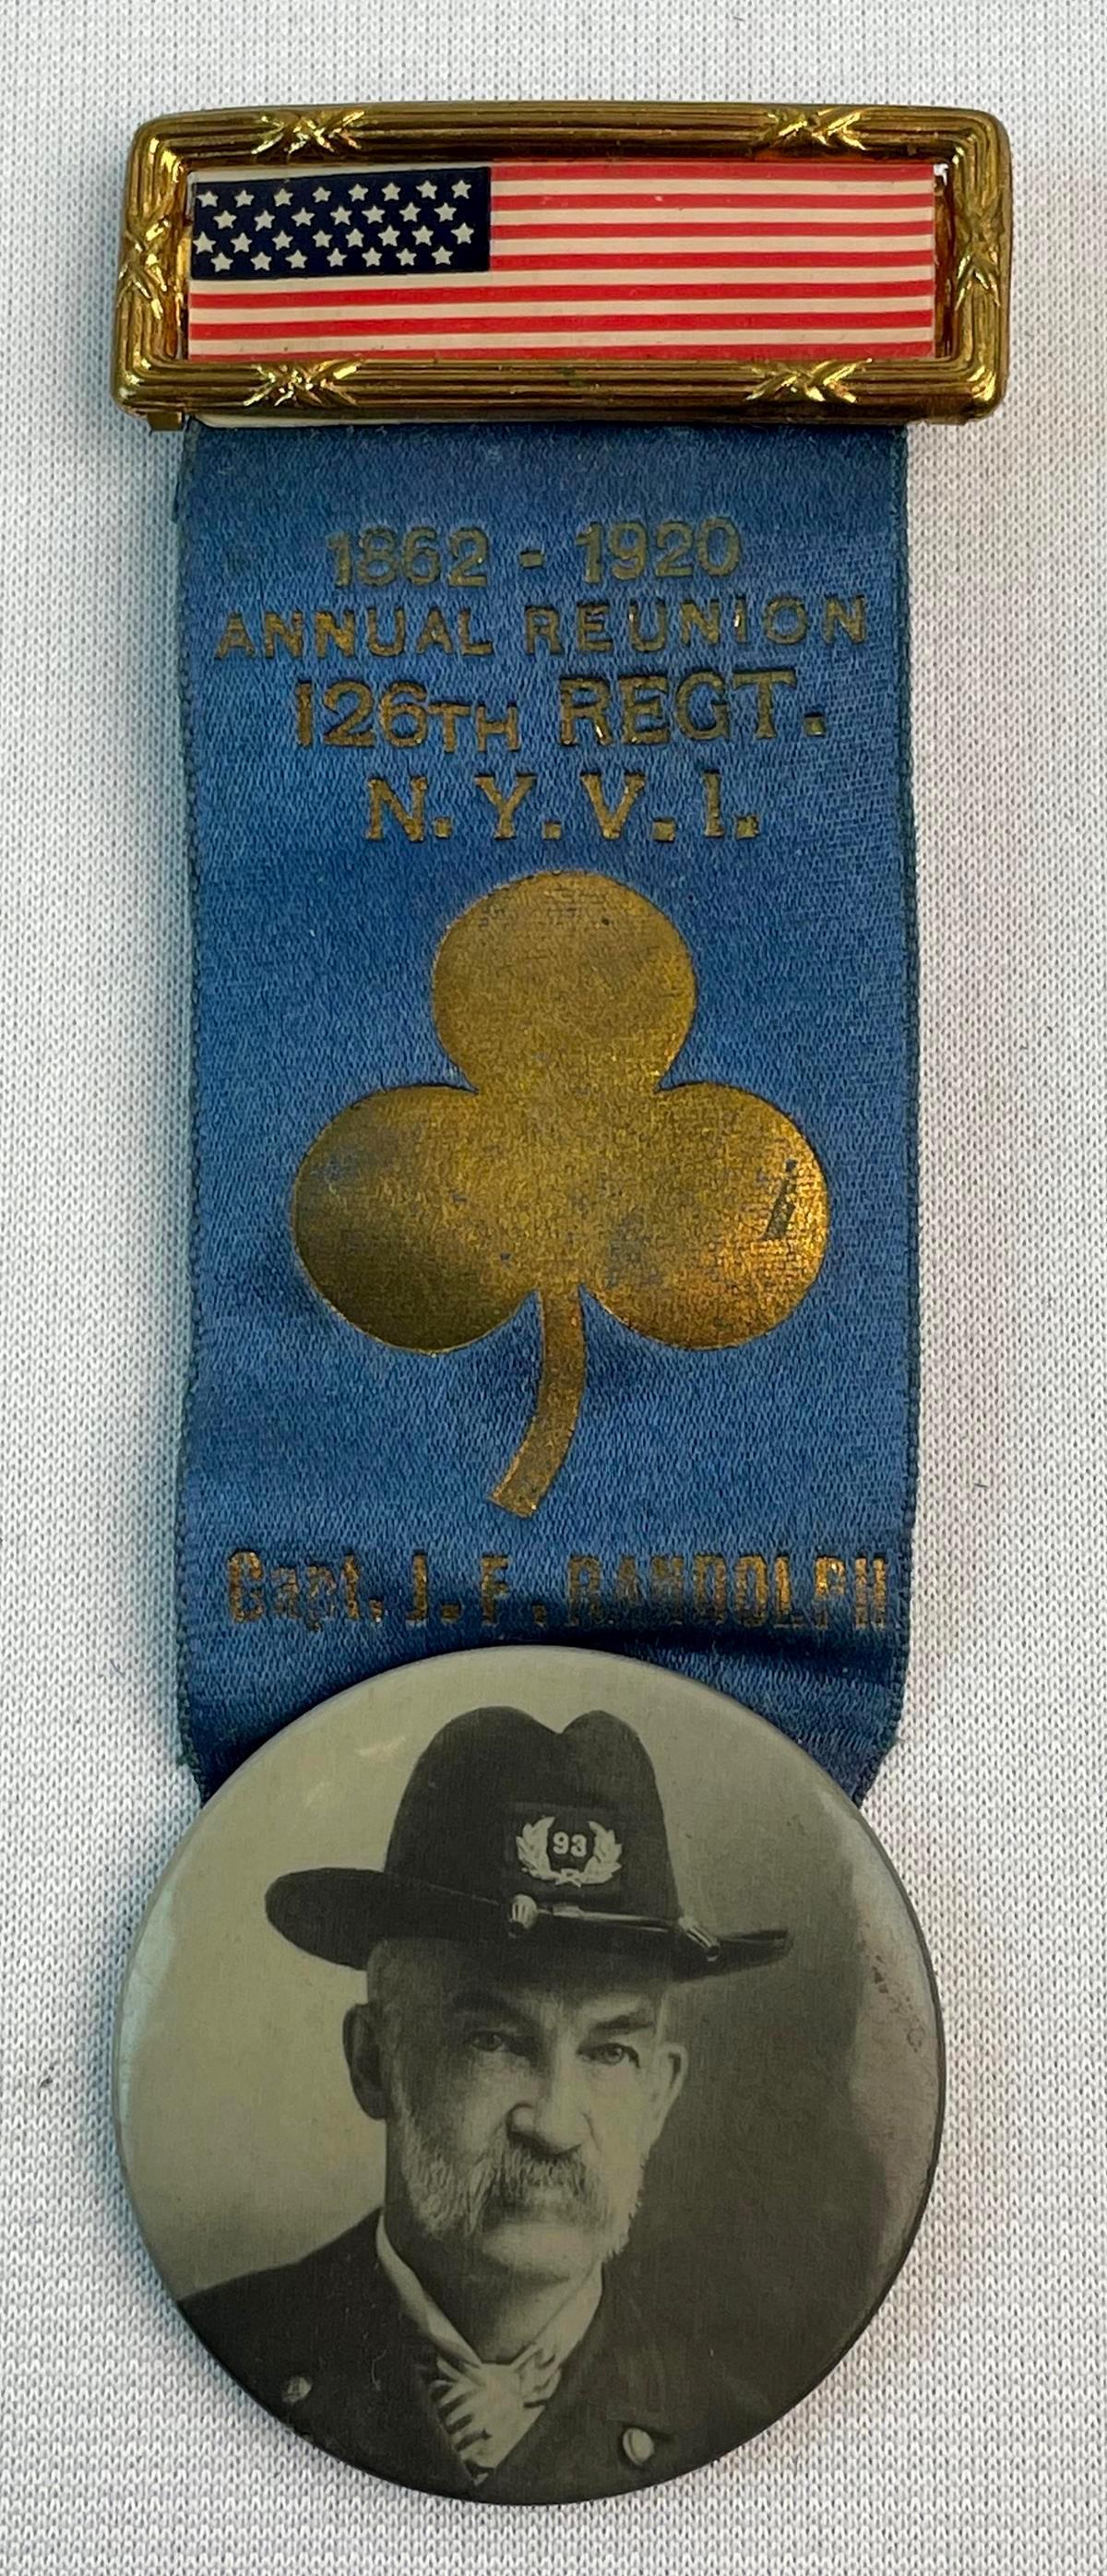 Antique 1920 GAR Captain J. F. Randolph 126th Regiment Silk Ribbon Medal w/ Celluloid Photo Button